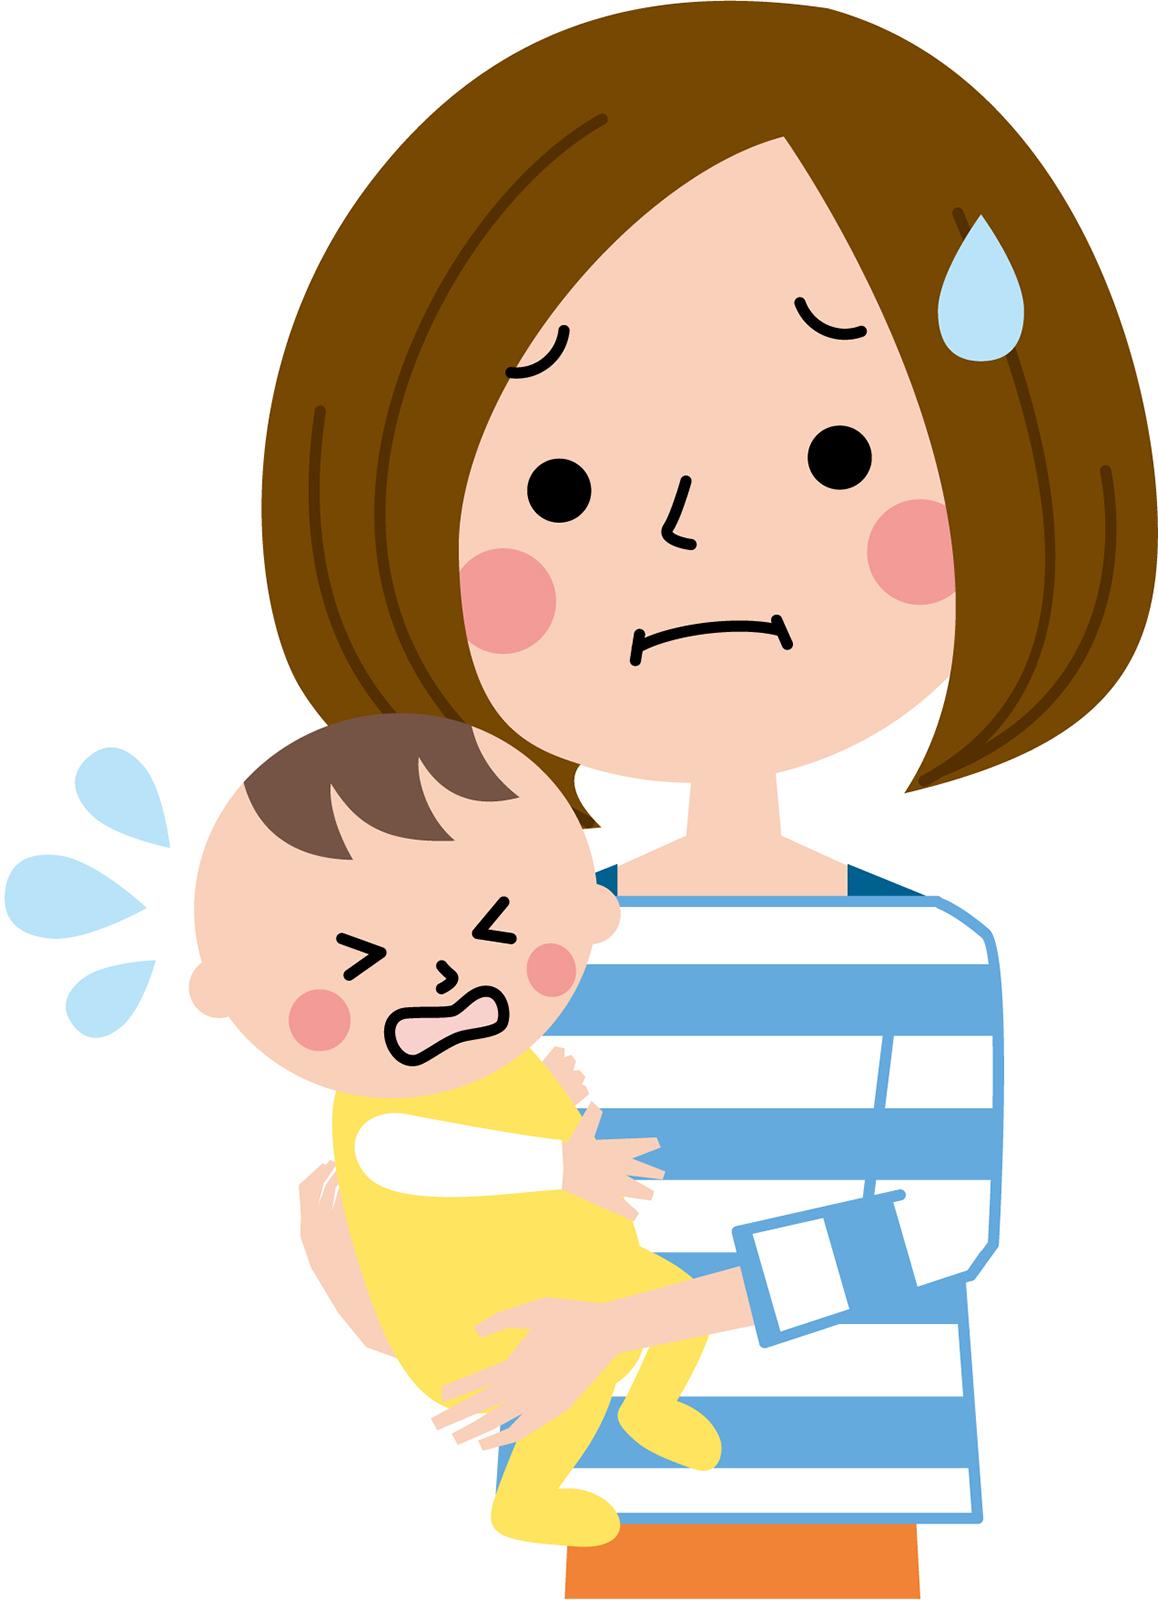 子育て 辛い,子育て 辛い 相談,子育て 相談 公的